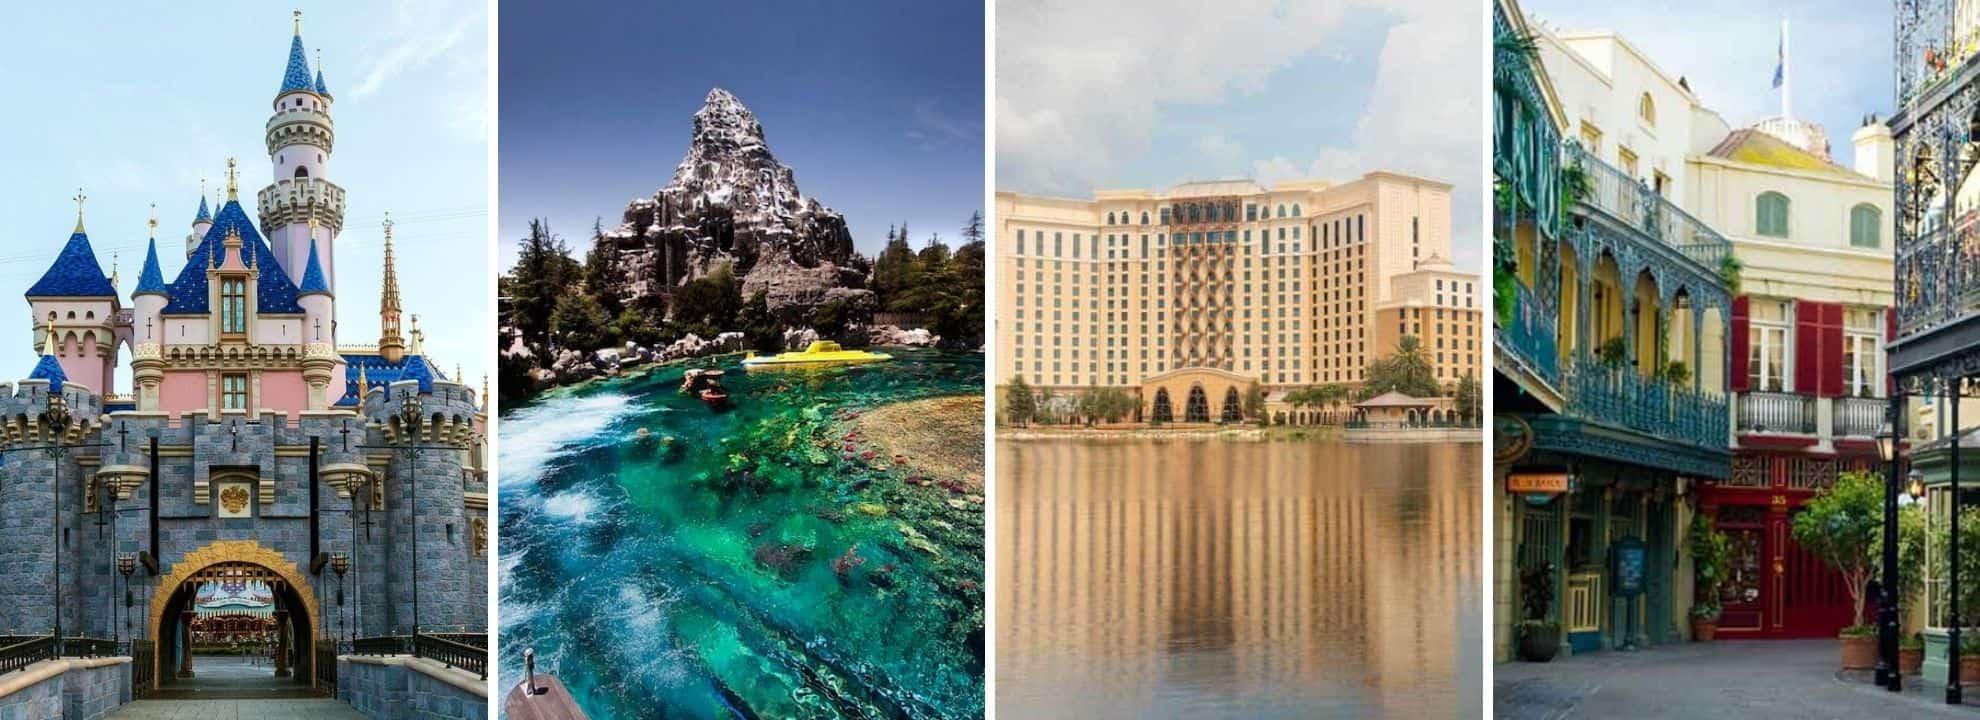 Algunas atracciones de Disney están inspiradas en estos lugares del mundo